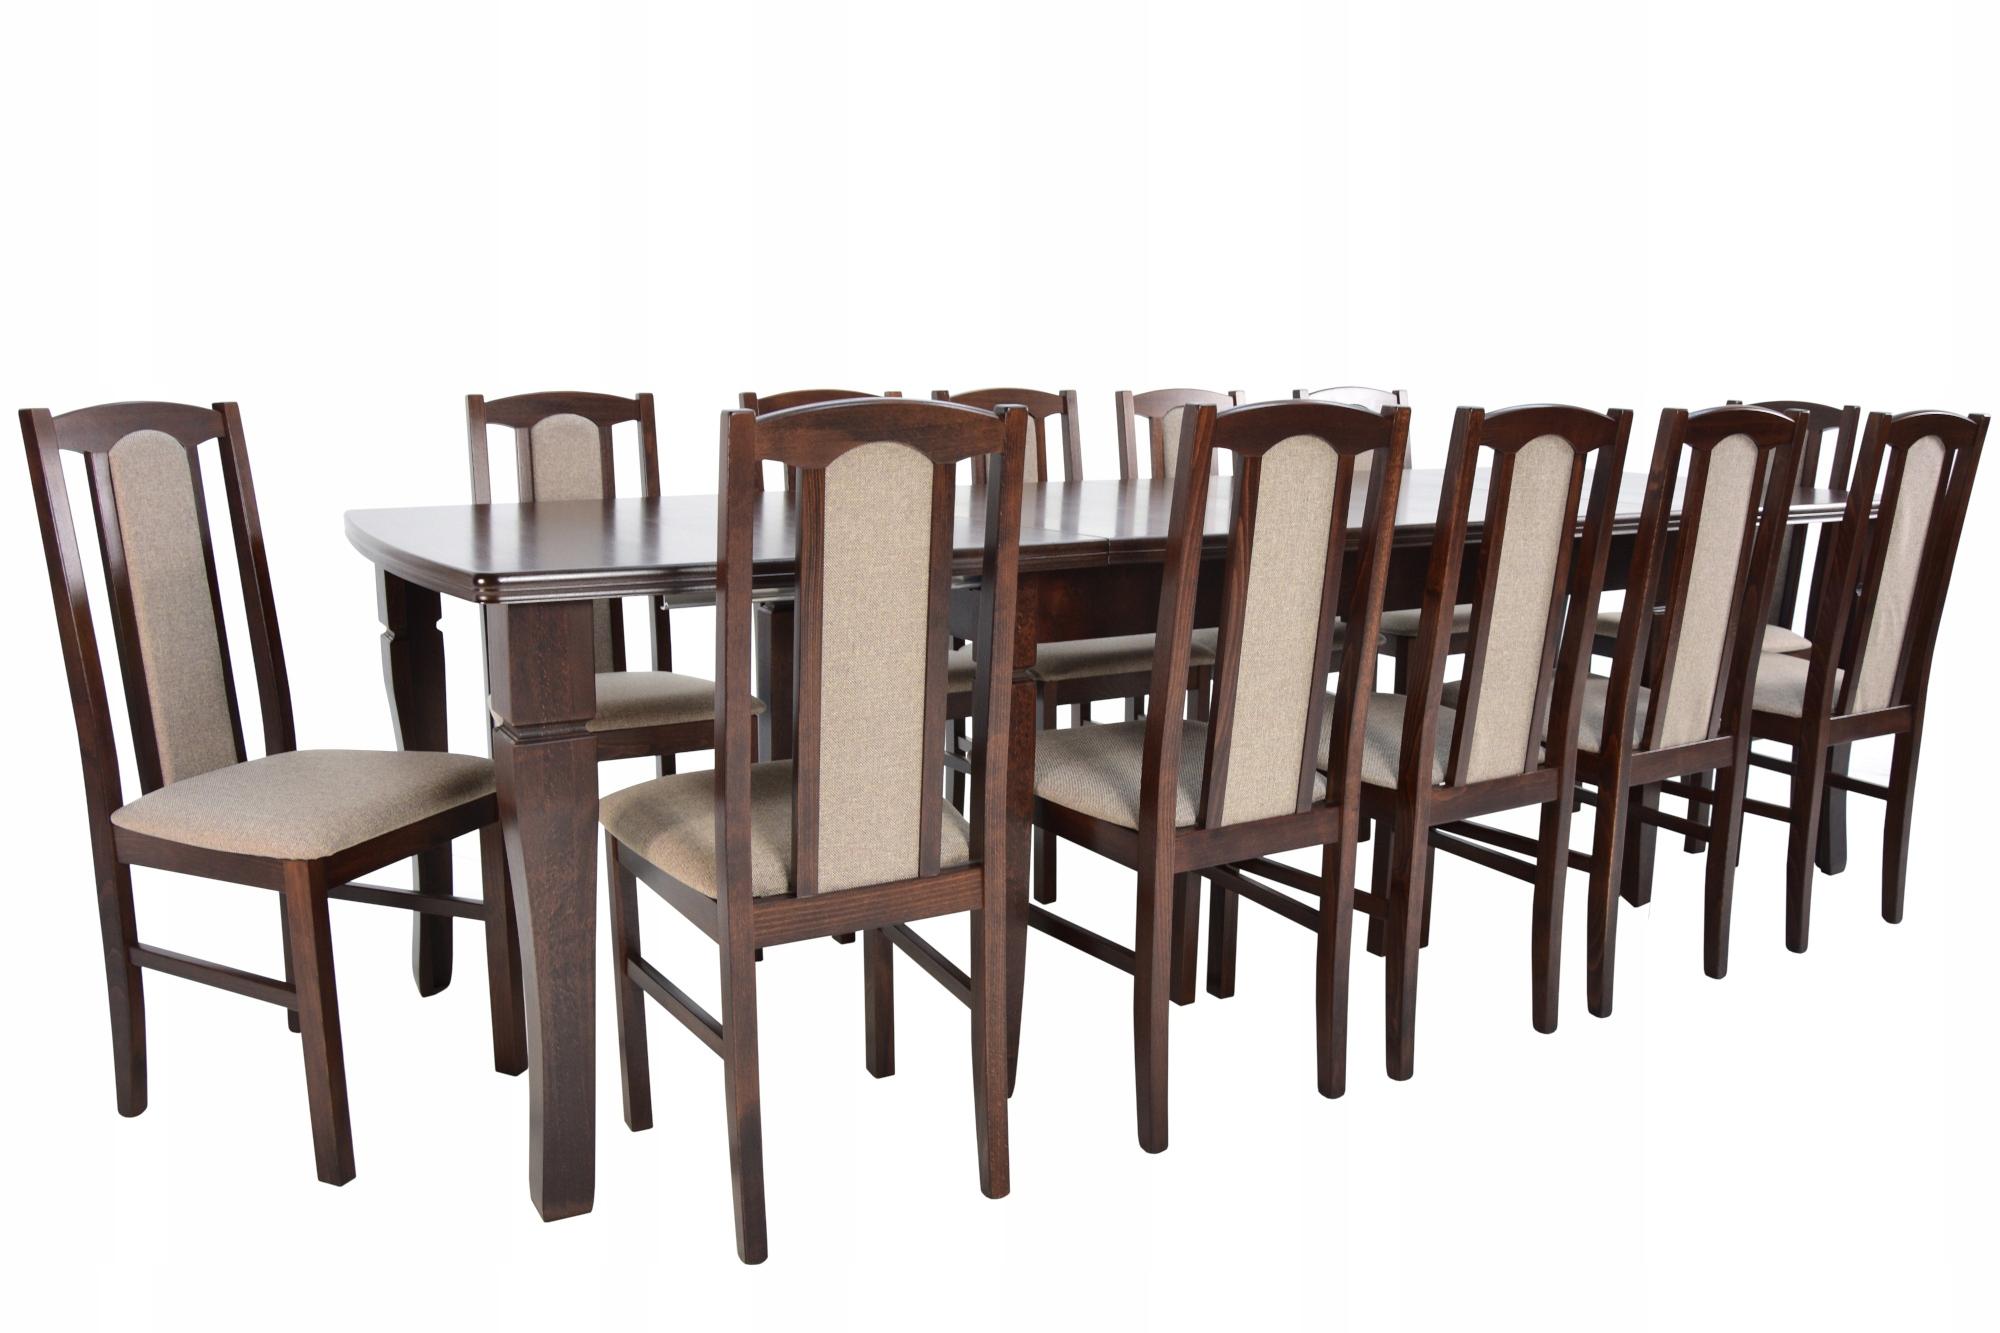 4m skladací stôl a stoličky 12 Ks drevených